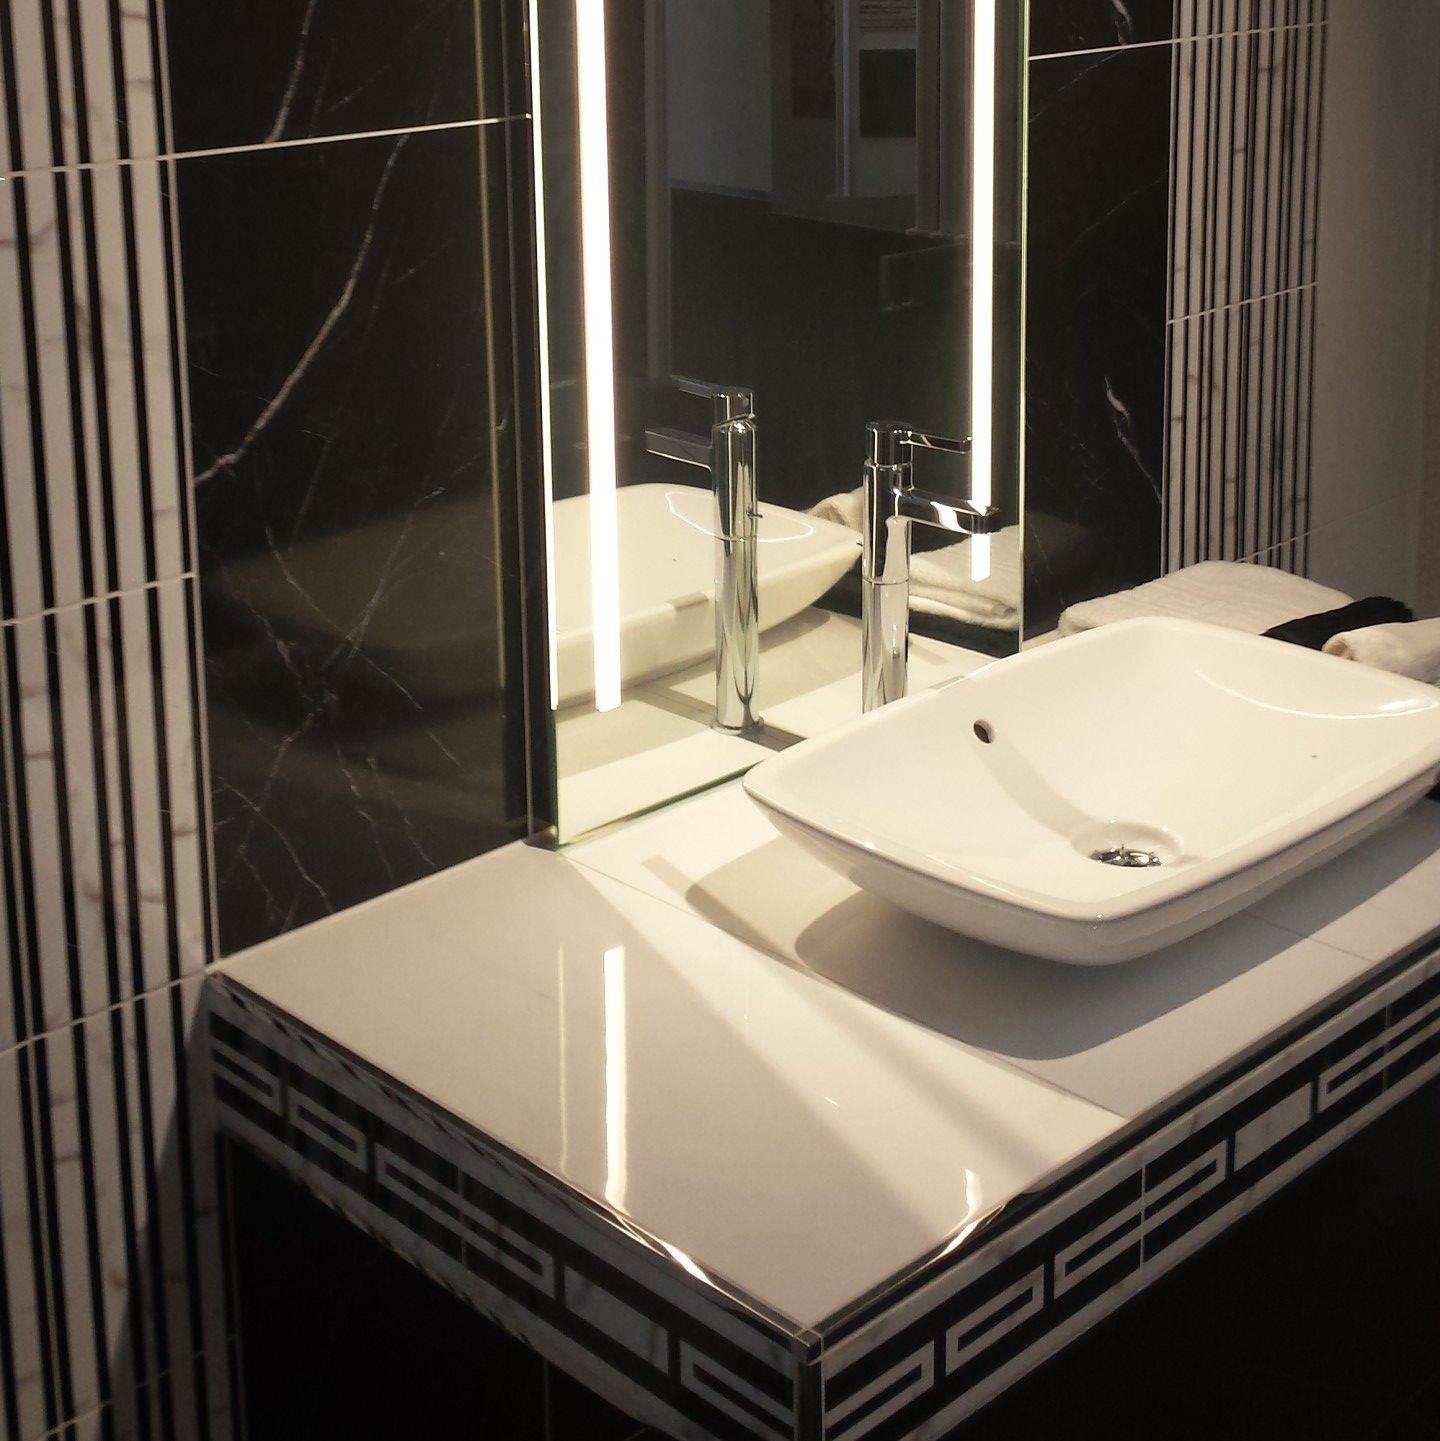 r b fliesenverlegung herstellung von fliesen und steinplatten kiel deutschland tel. Black Bedroom Furniture Sets. Home Design Ideas